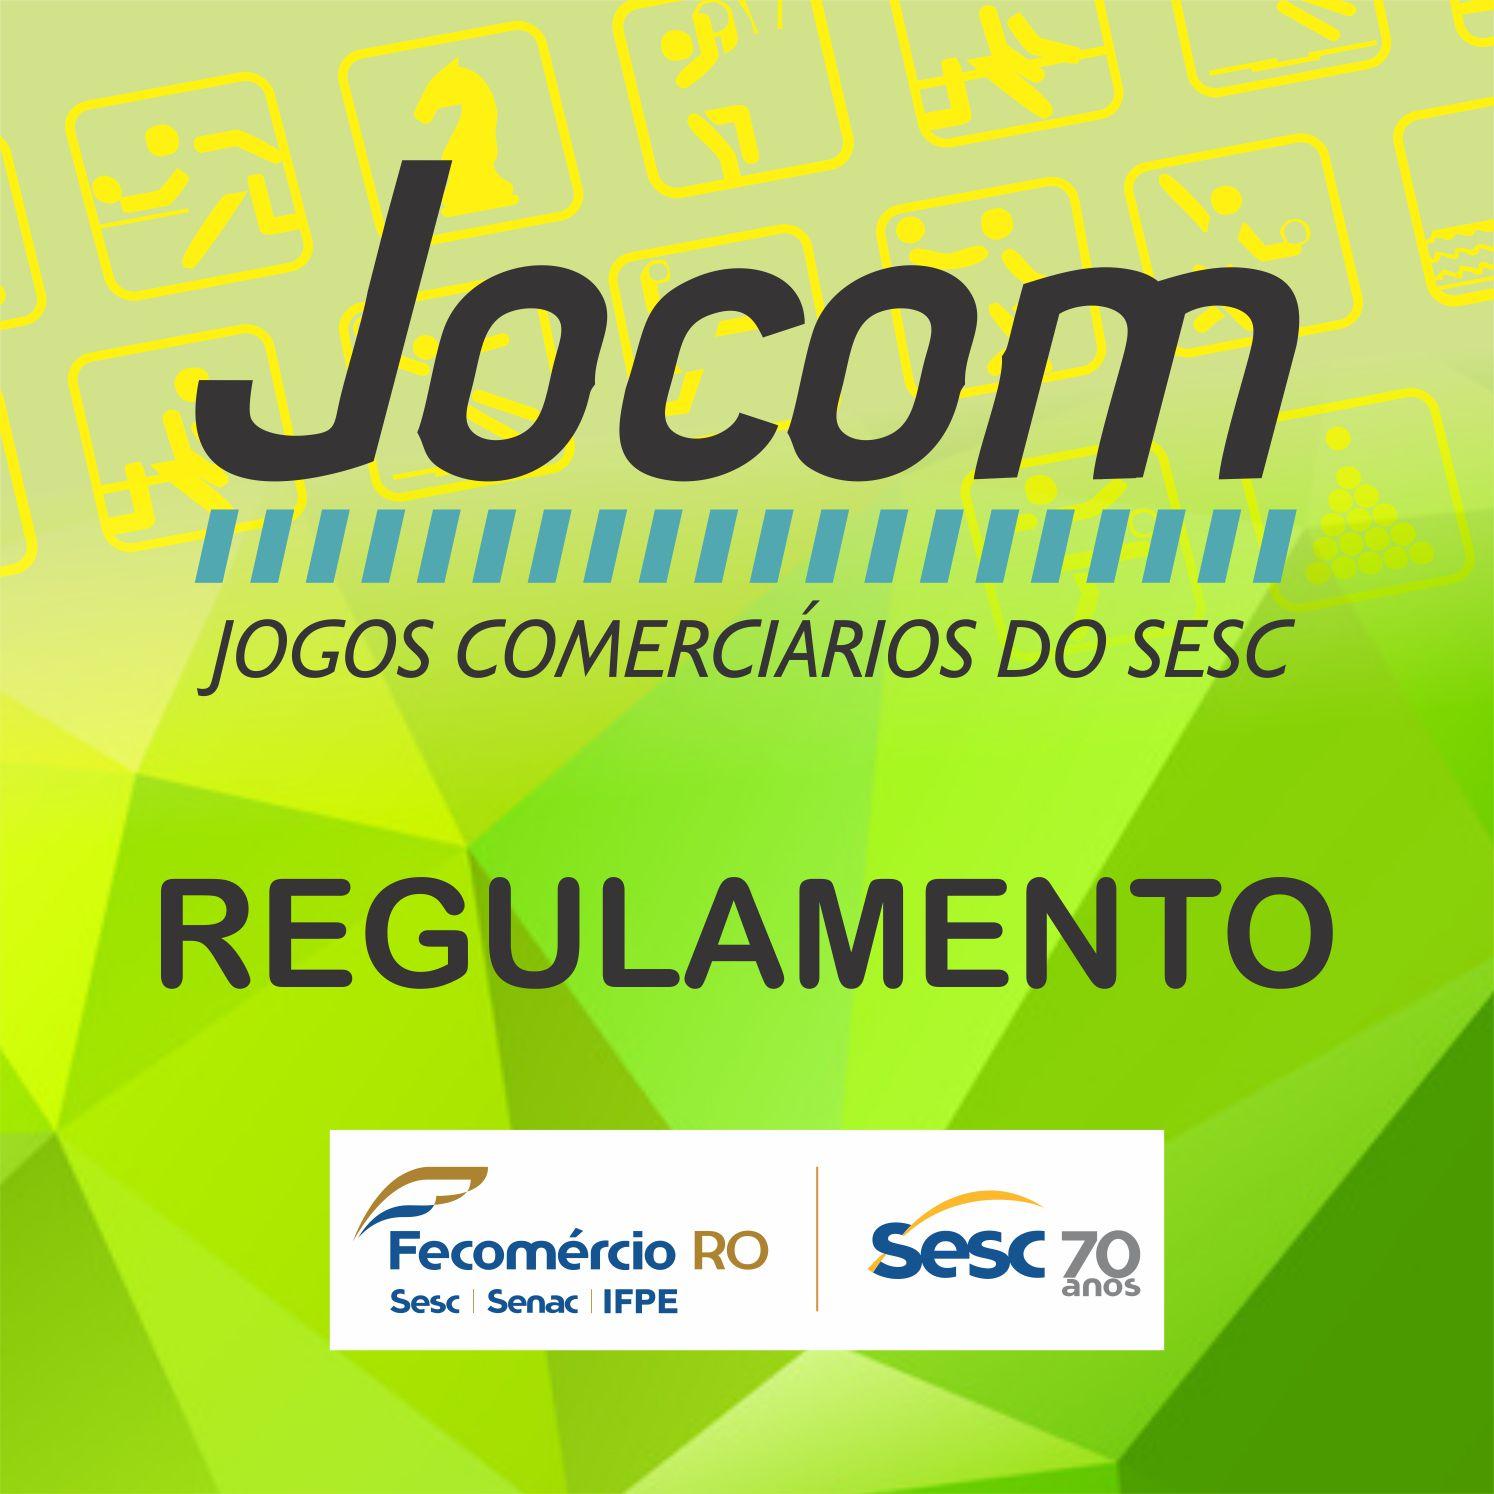 Regulamento Jocom